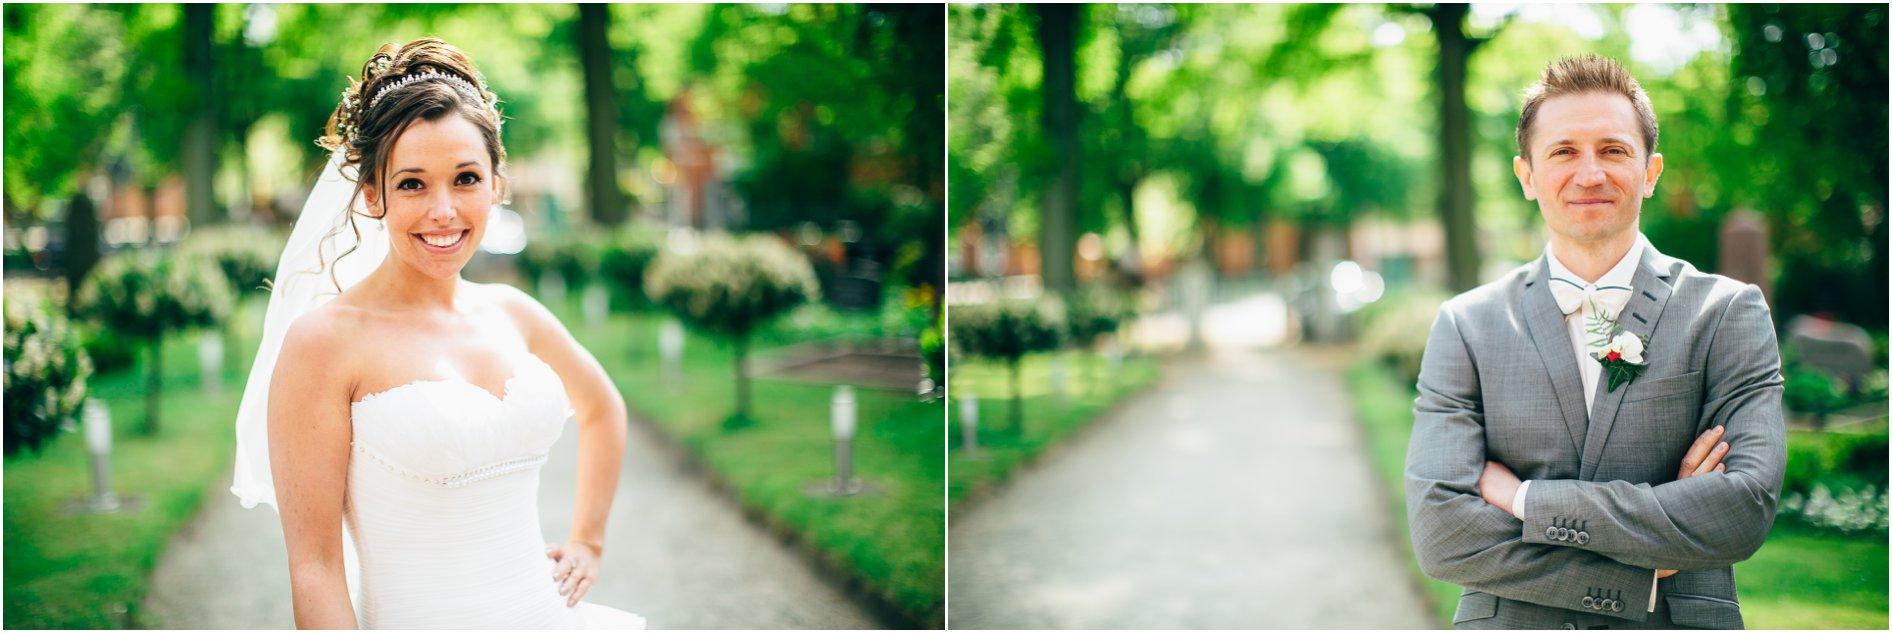 2014-07-16_0189.jpg